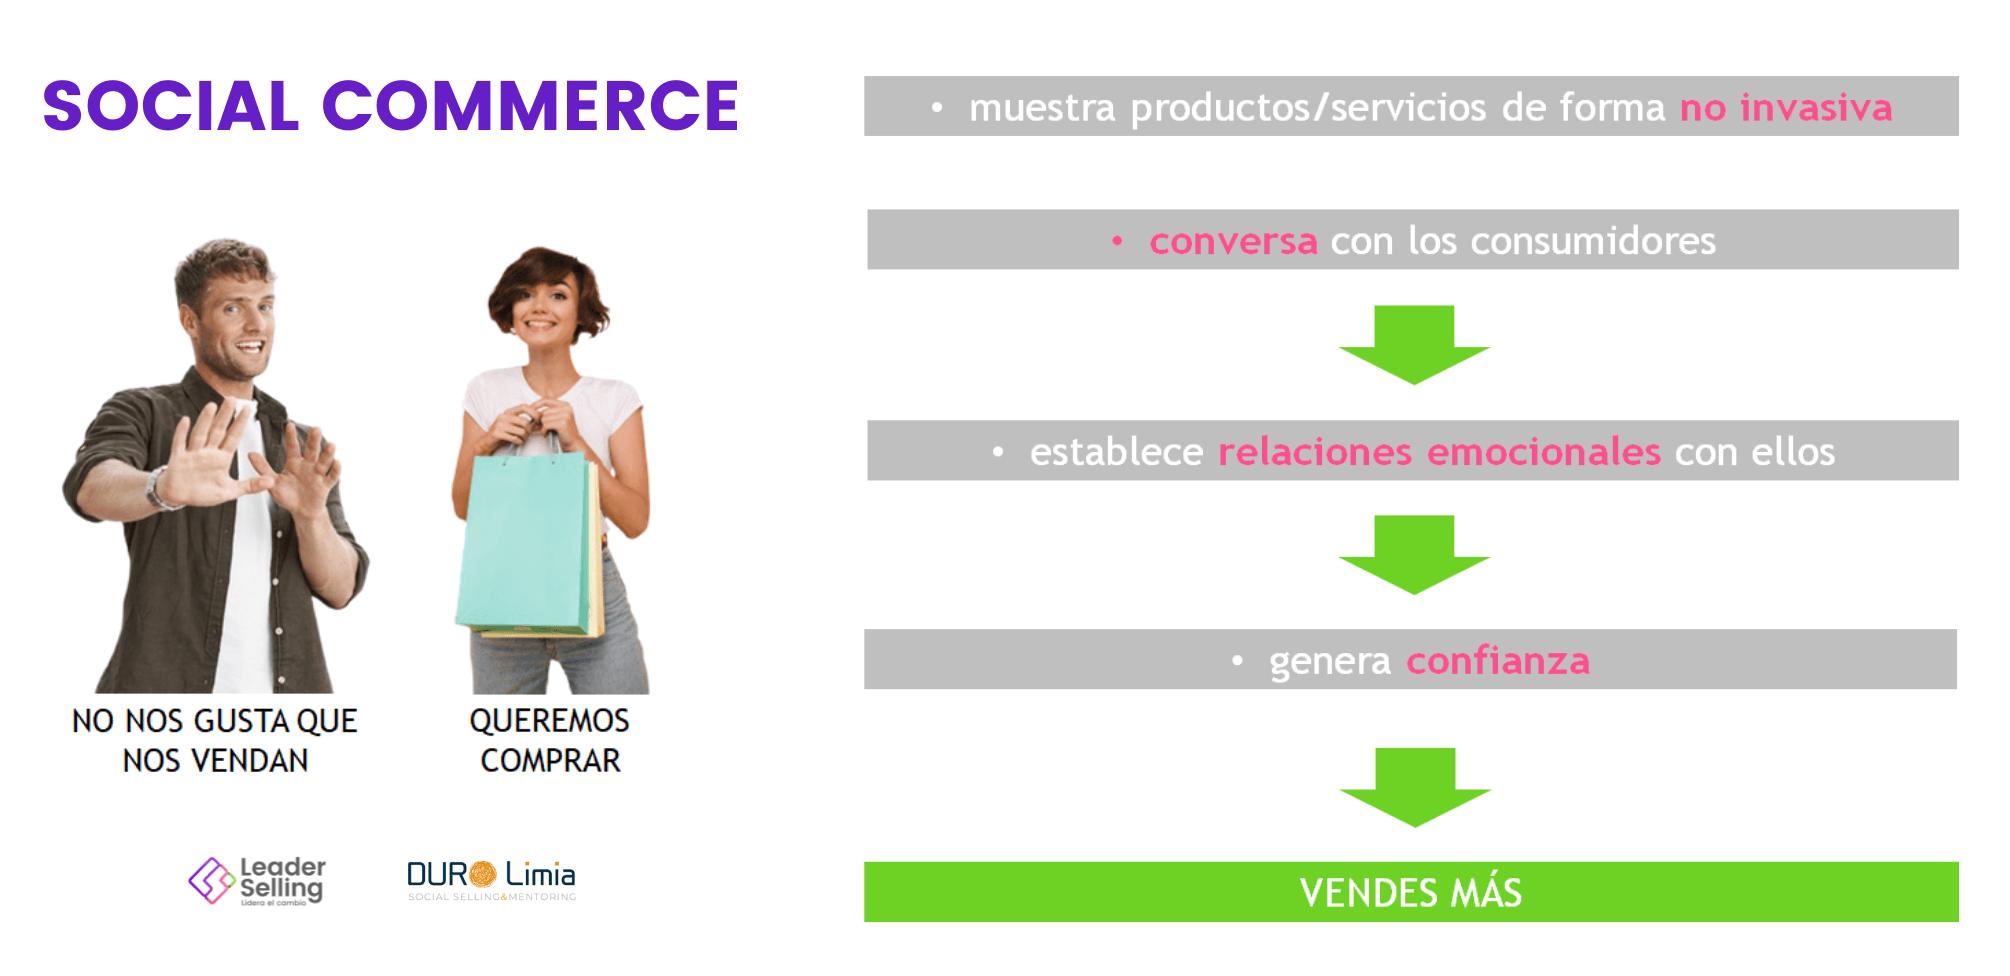 social commerce conversacion